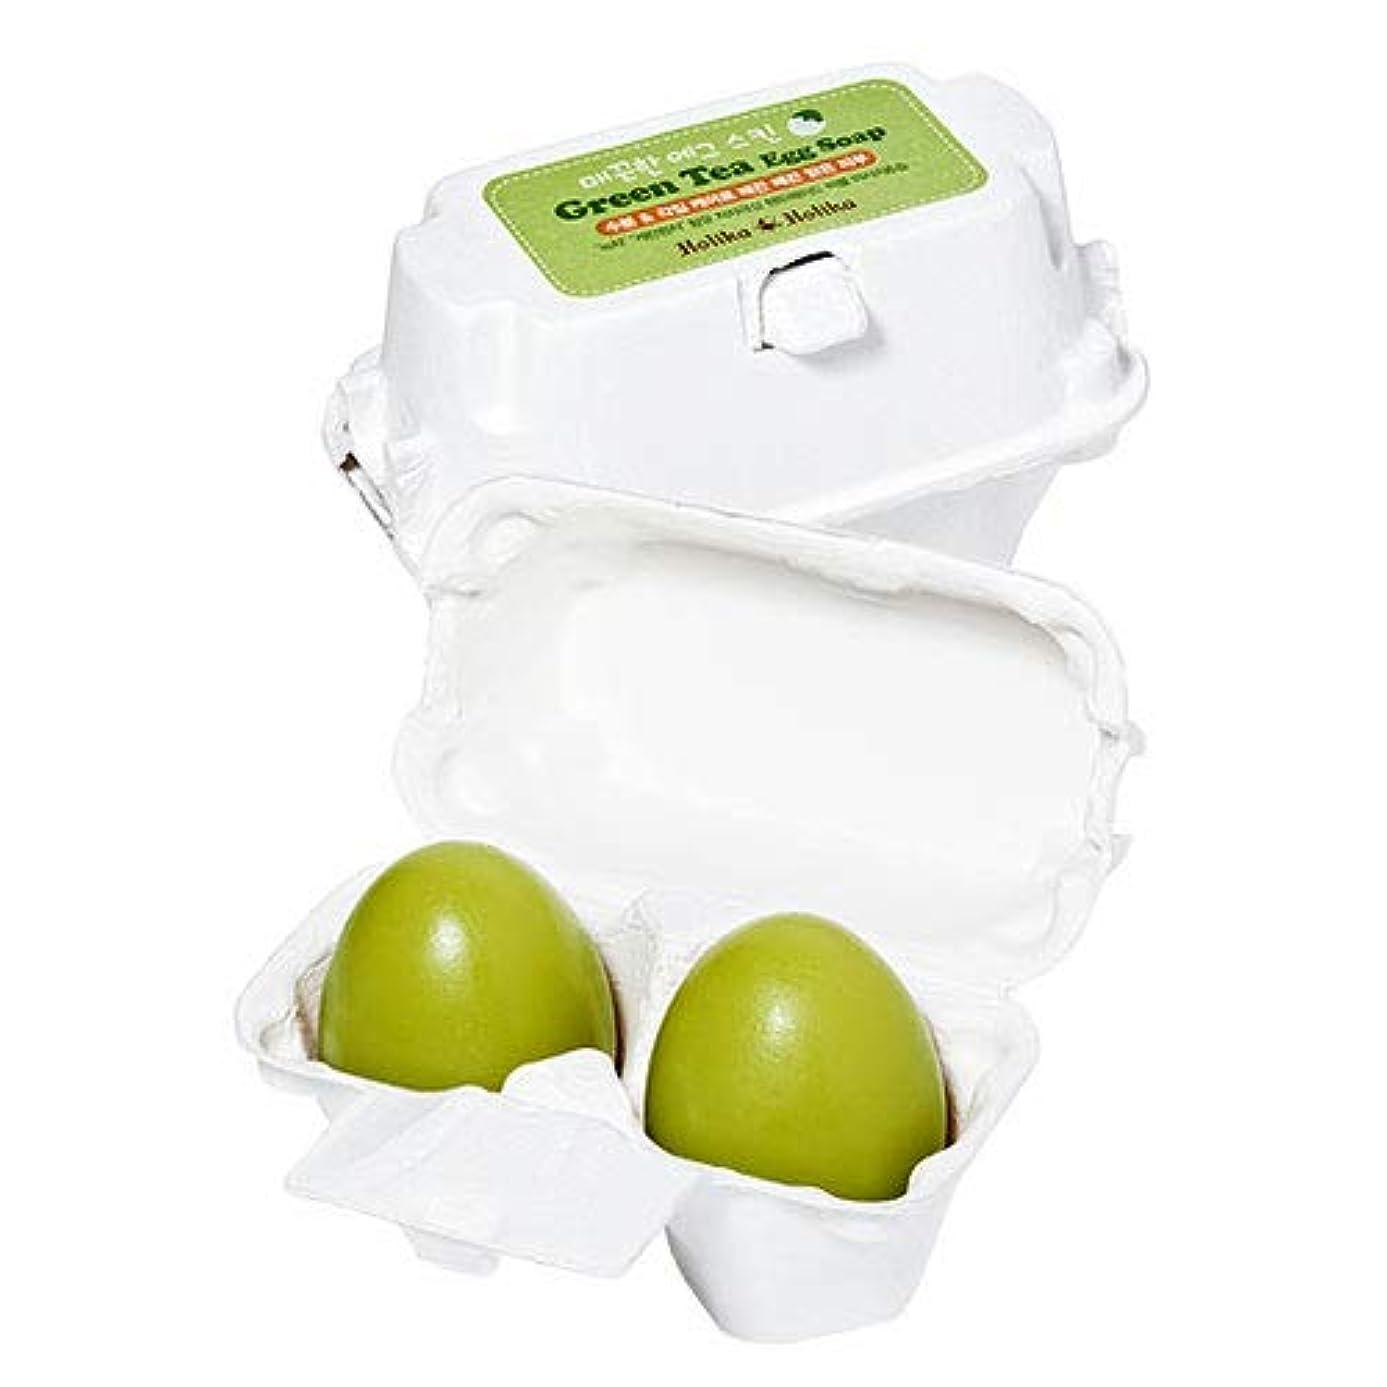 かすれたナイトスポット感覚[緑茶/Green Tea] Holika Holika Egg Skin Egg Soap ホリカホリカ エッグスキン エッグソープ (50g*2個) [並行輸入品]